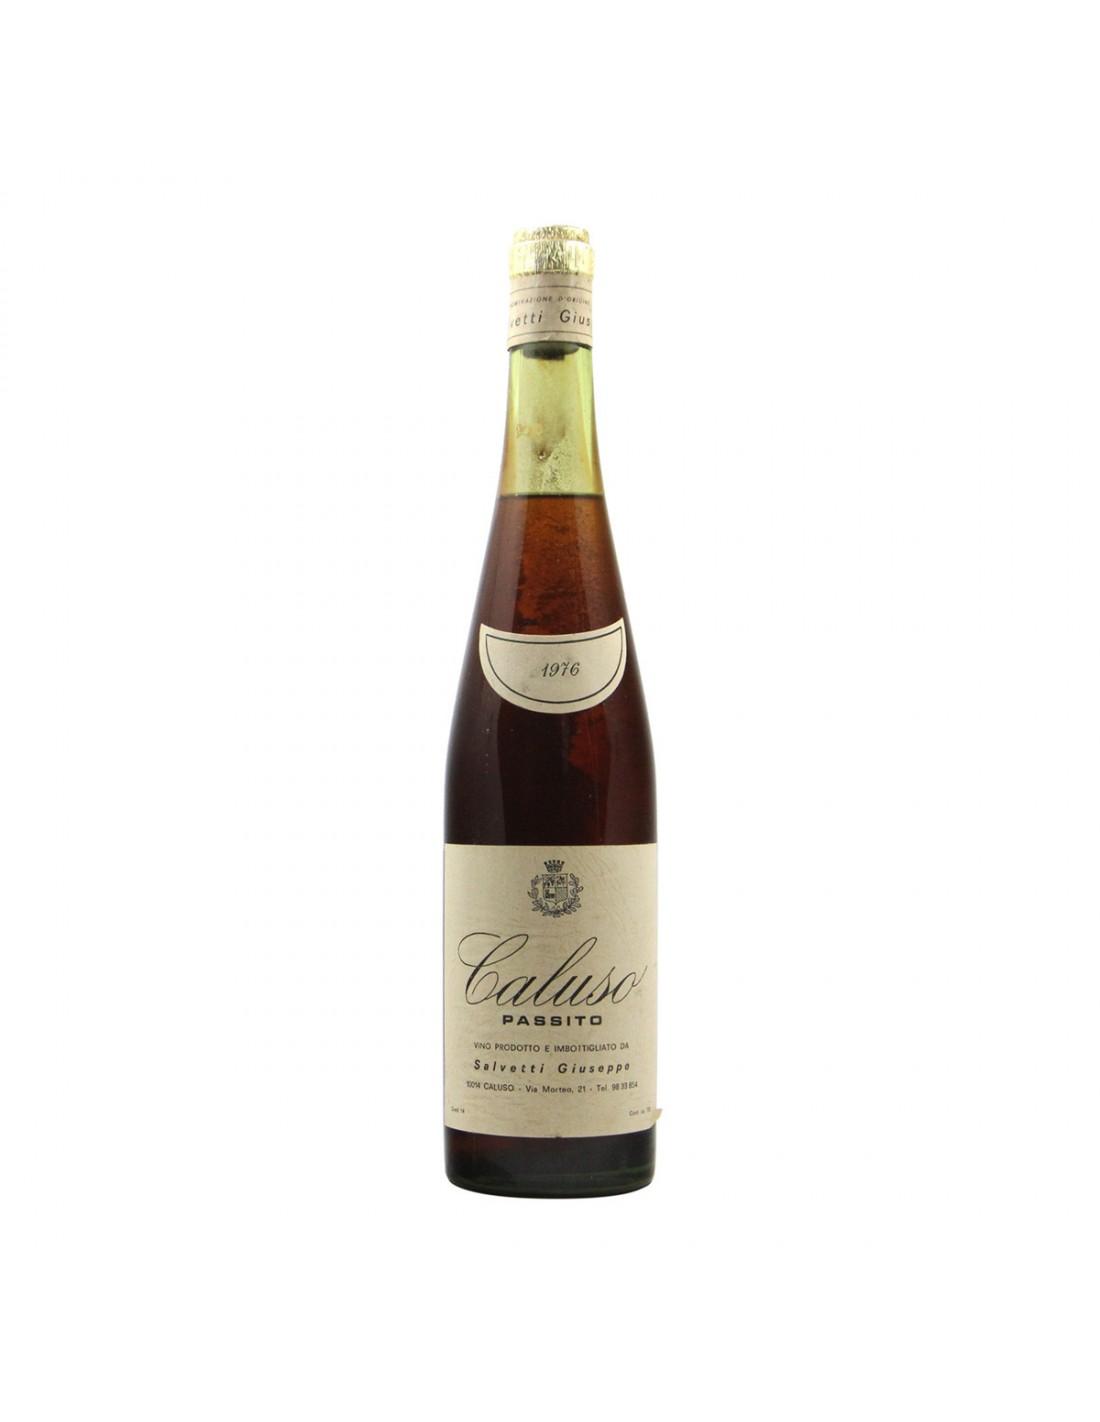 CALUSO PASSITO 1976 SALVETTI GIUSEPPE Grandi Bottiglie